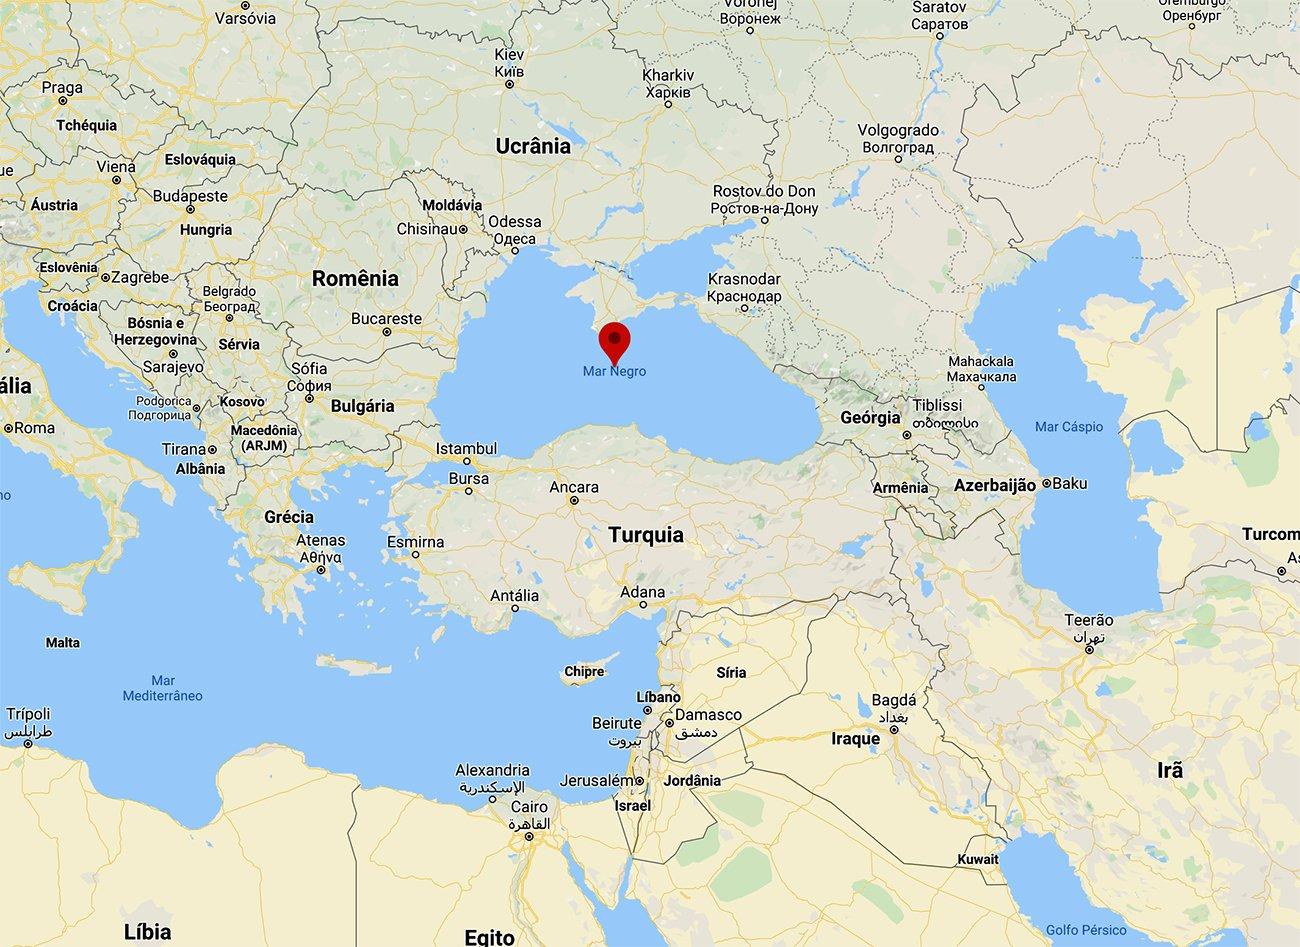 Mapa da localização do Mar Negro